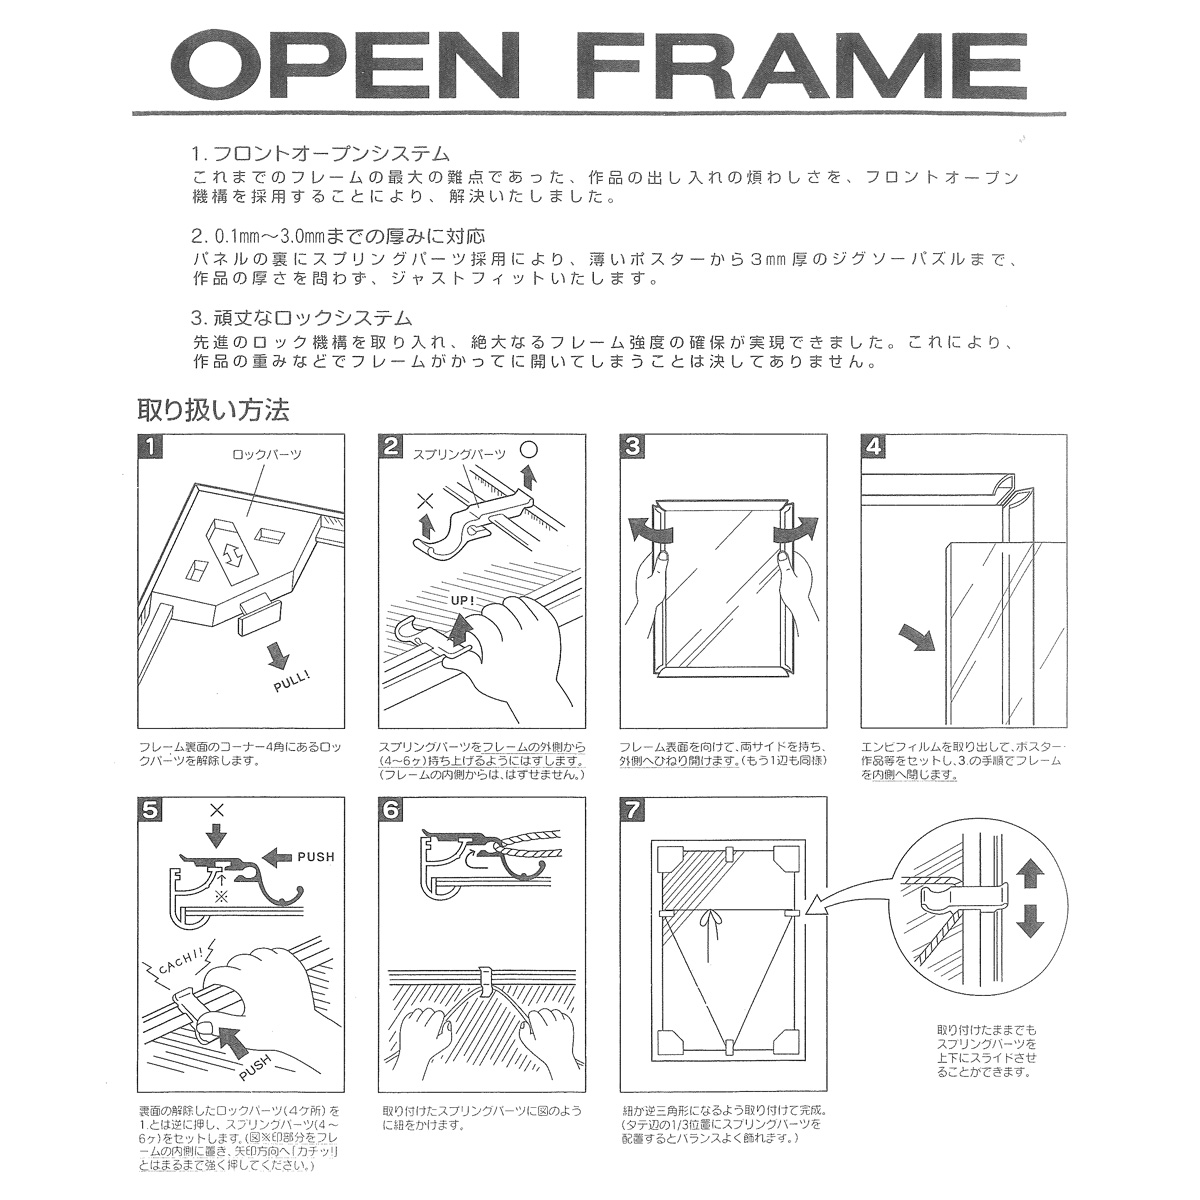 アルミフレーム・アルミパネル/オープンフレーム 6×8サイズ(600×800mm)